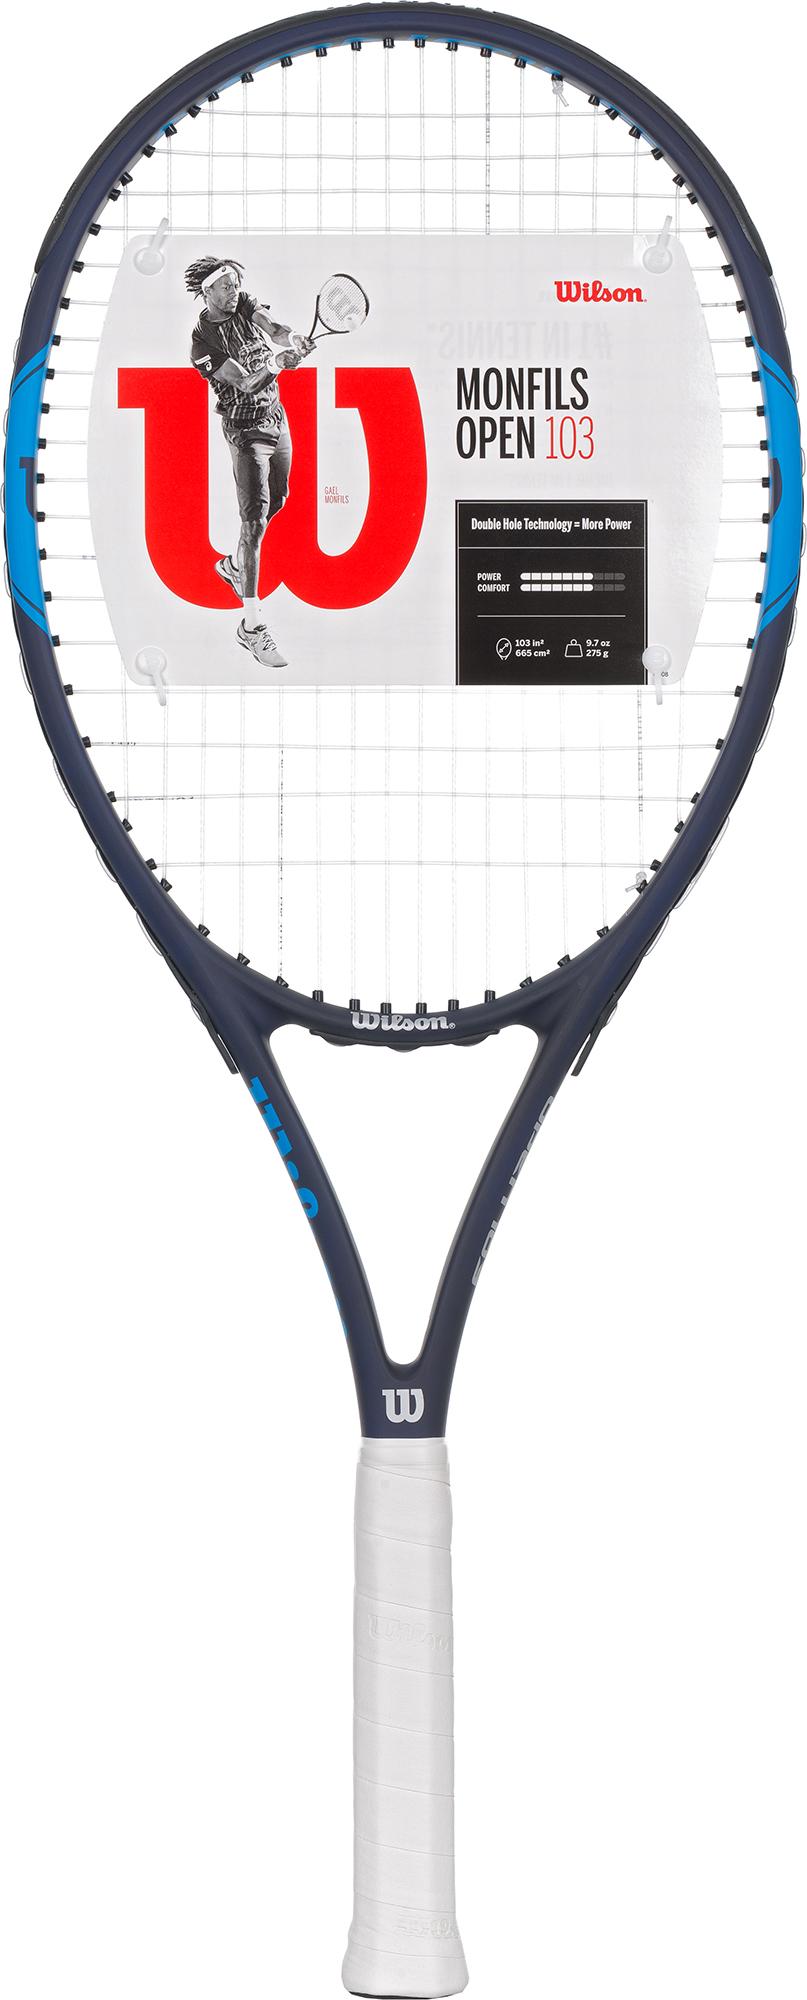 Wilson Ракетка для большого тенниса Wilson Monfils Open 103 сетки для тенниса большого